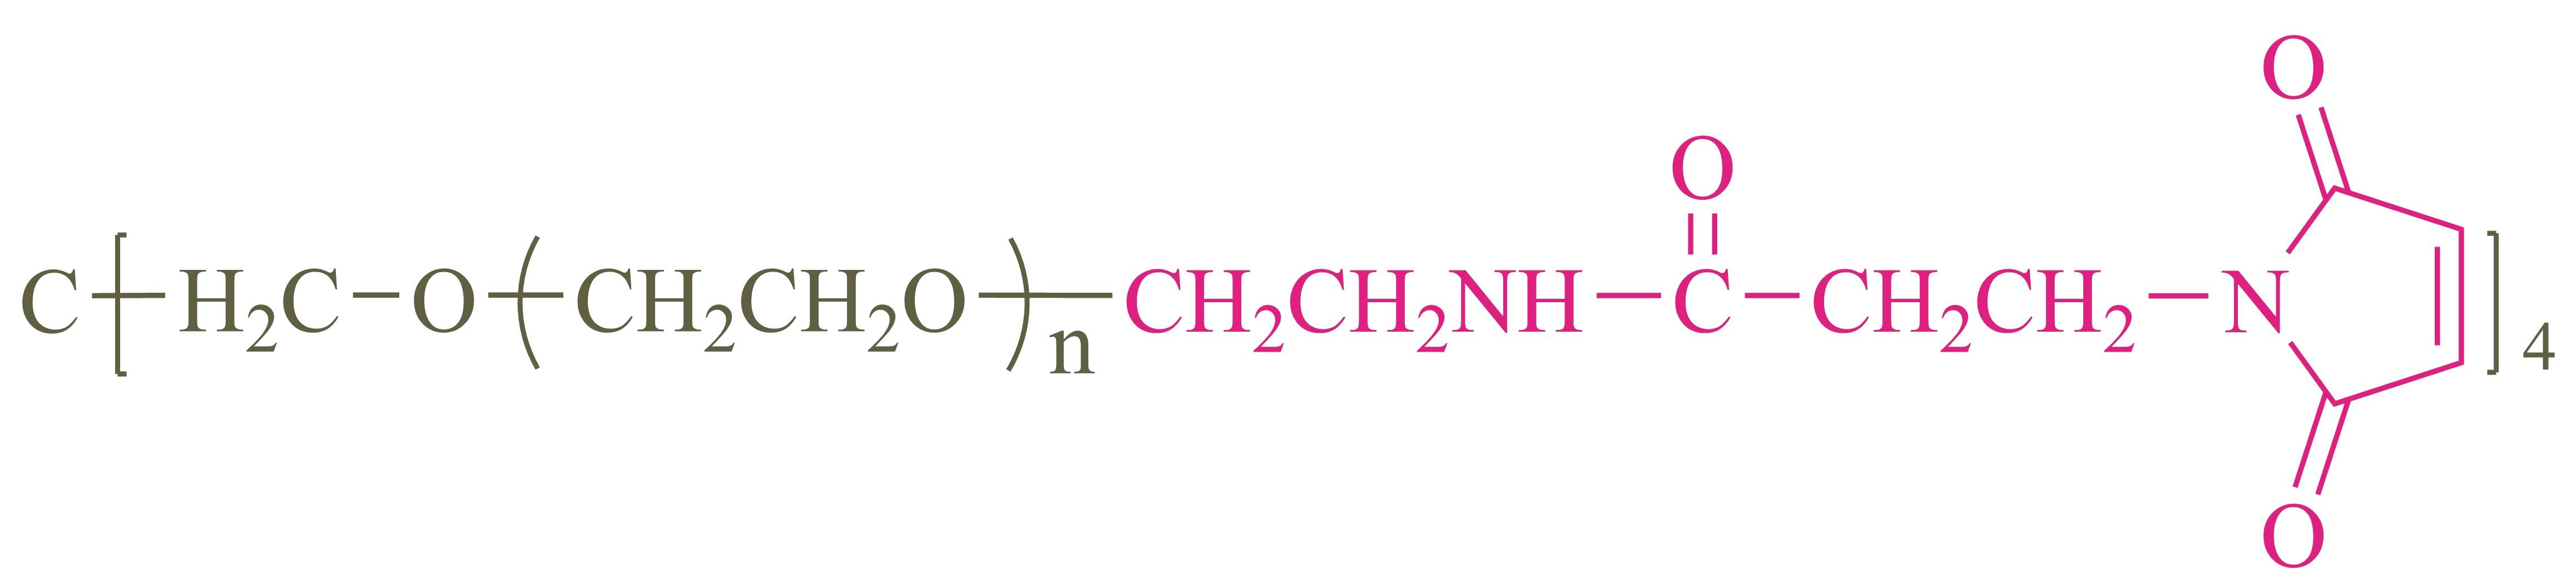 四臂聚乙二醇马来酰亚胺(酰胺键)(4-arm PEG-MAL);4-arm Poly(ethylene glycol) maleimide